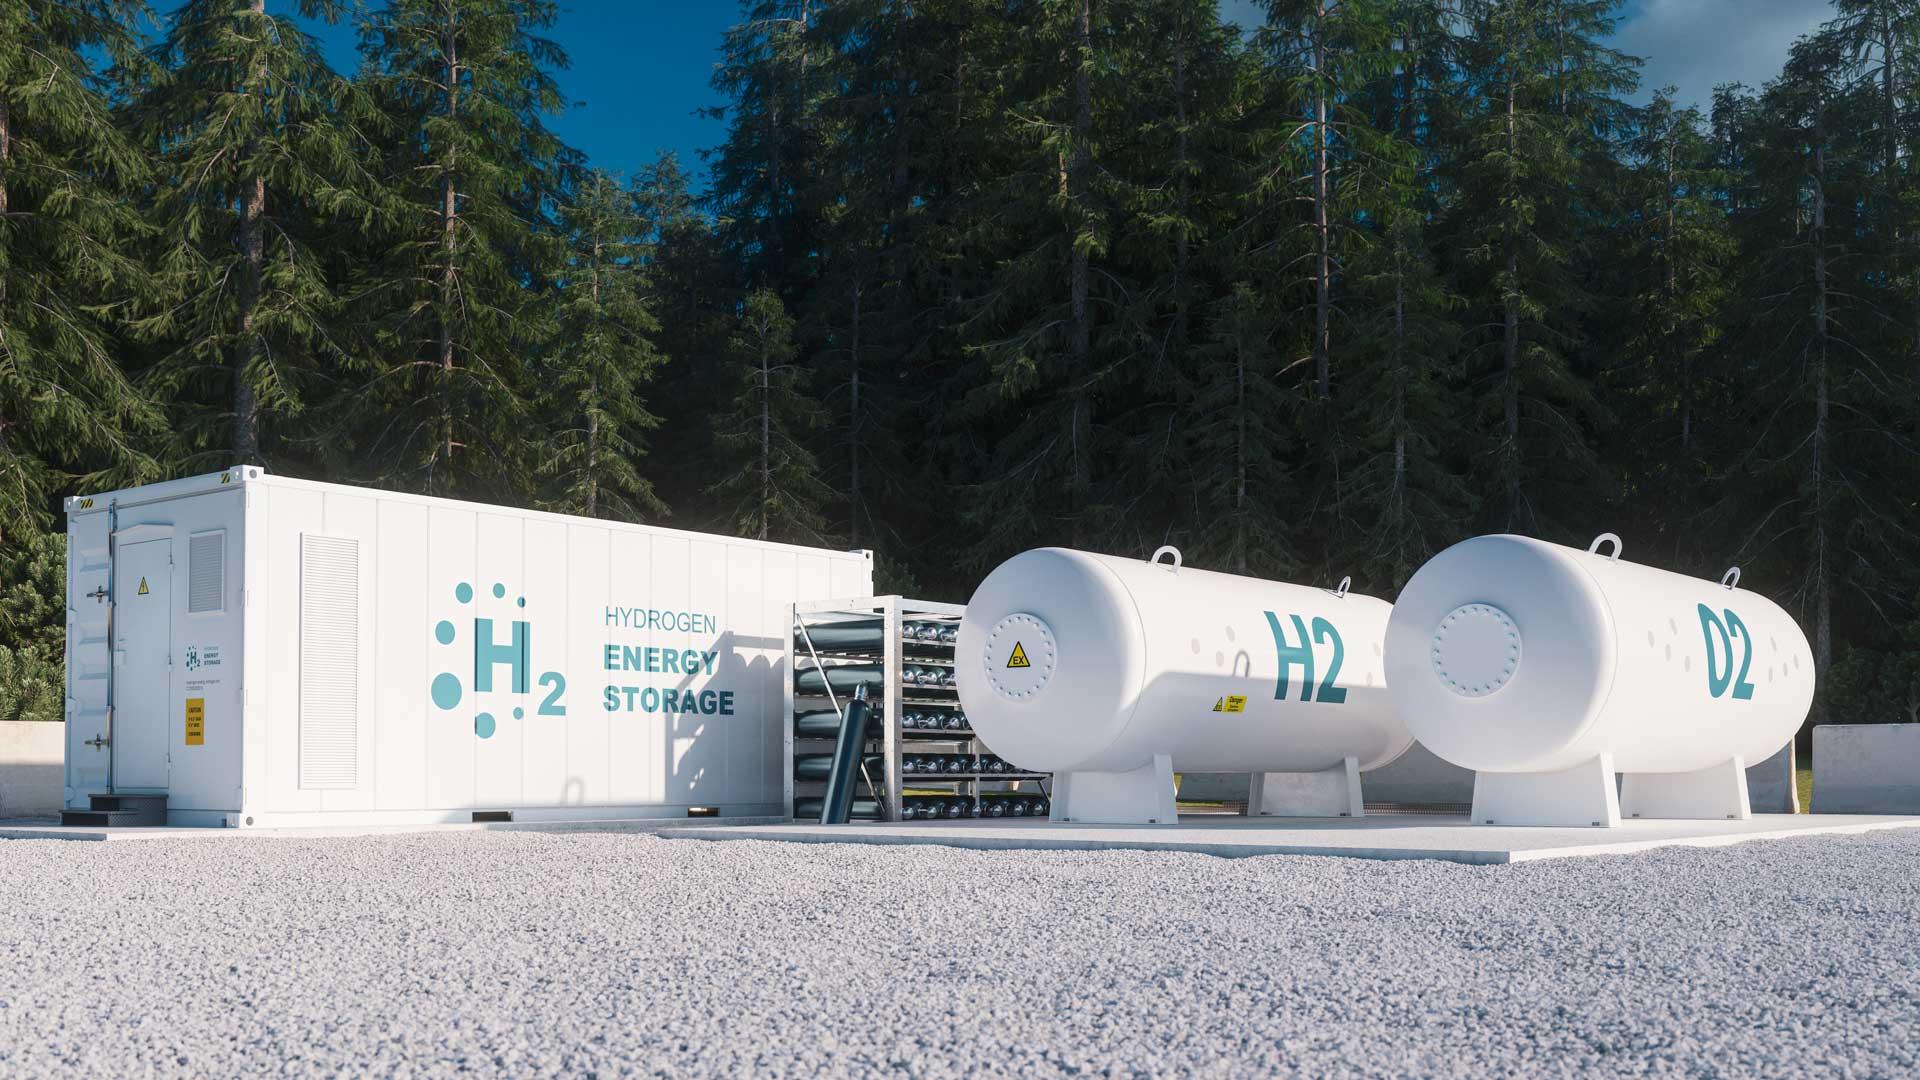 #Klimaschutz mit #Power-to‑X, #Wasserstoff, #eFuels & Co?